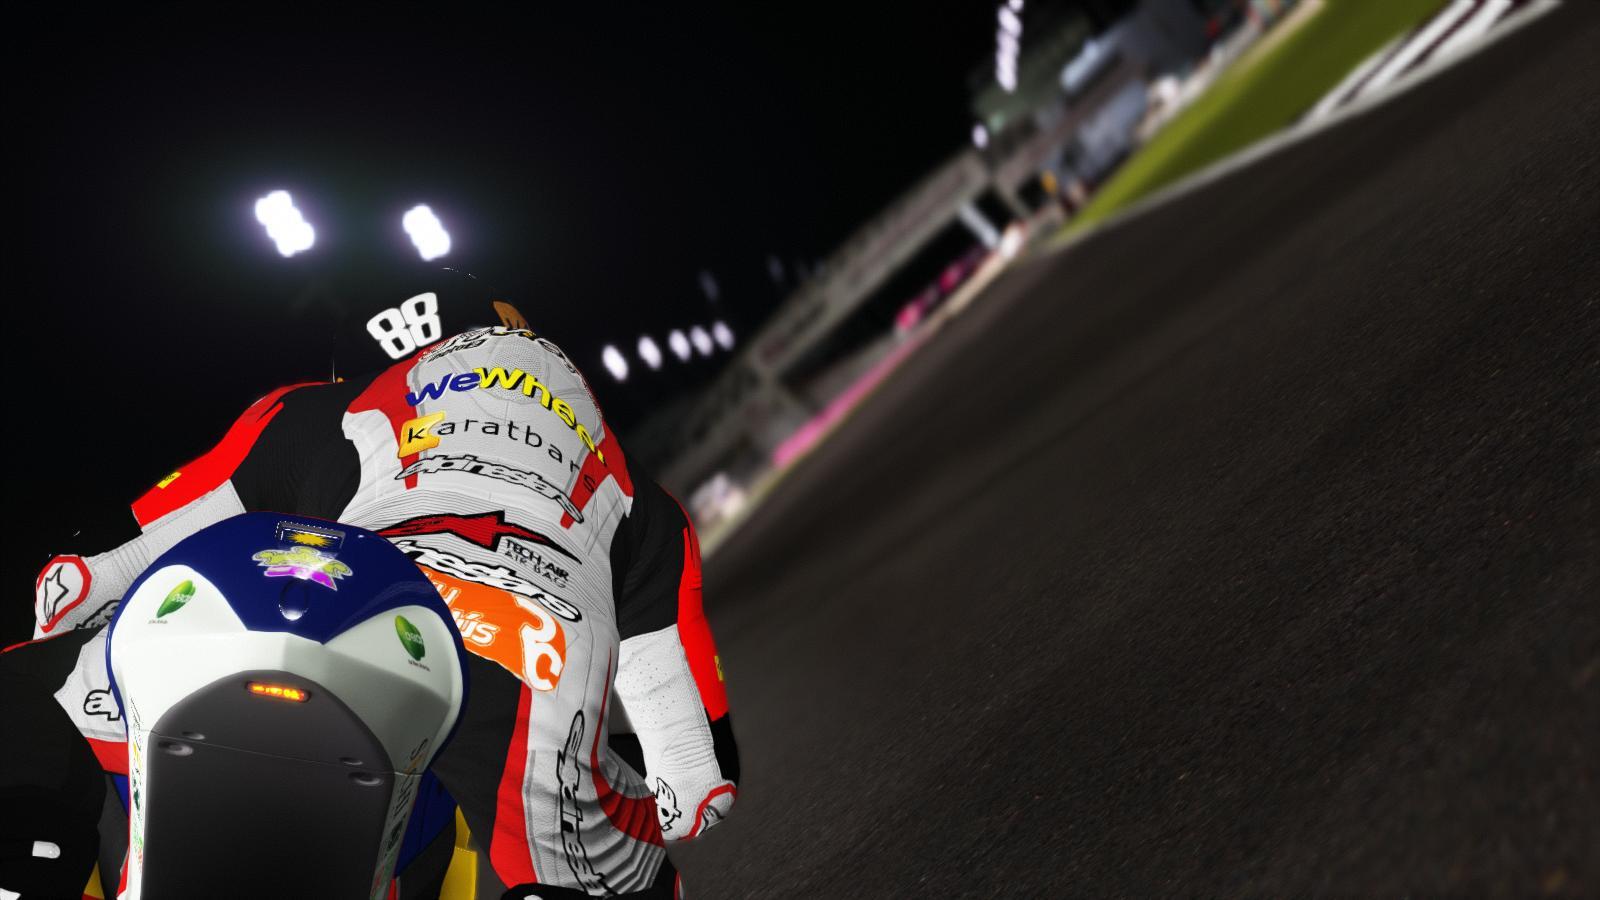 MotoGP15X64 2016-03-08 14-12-44-32.jpg